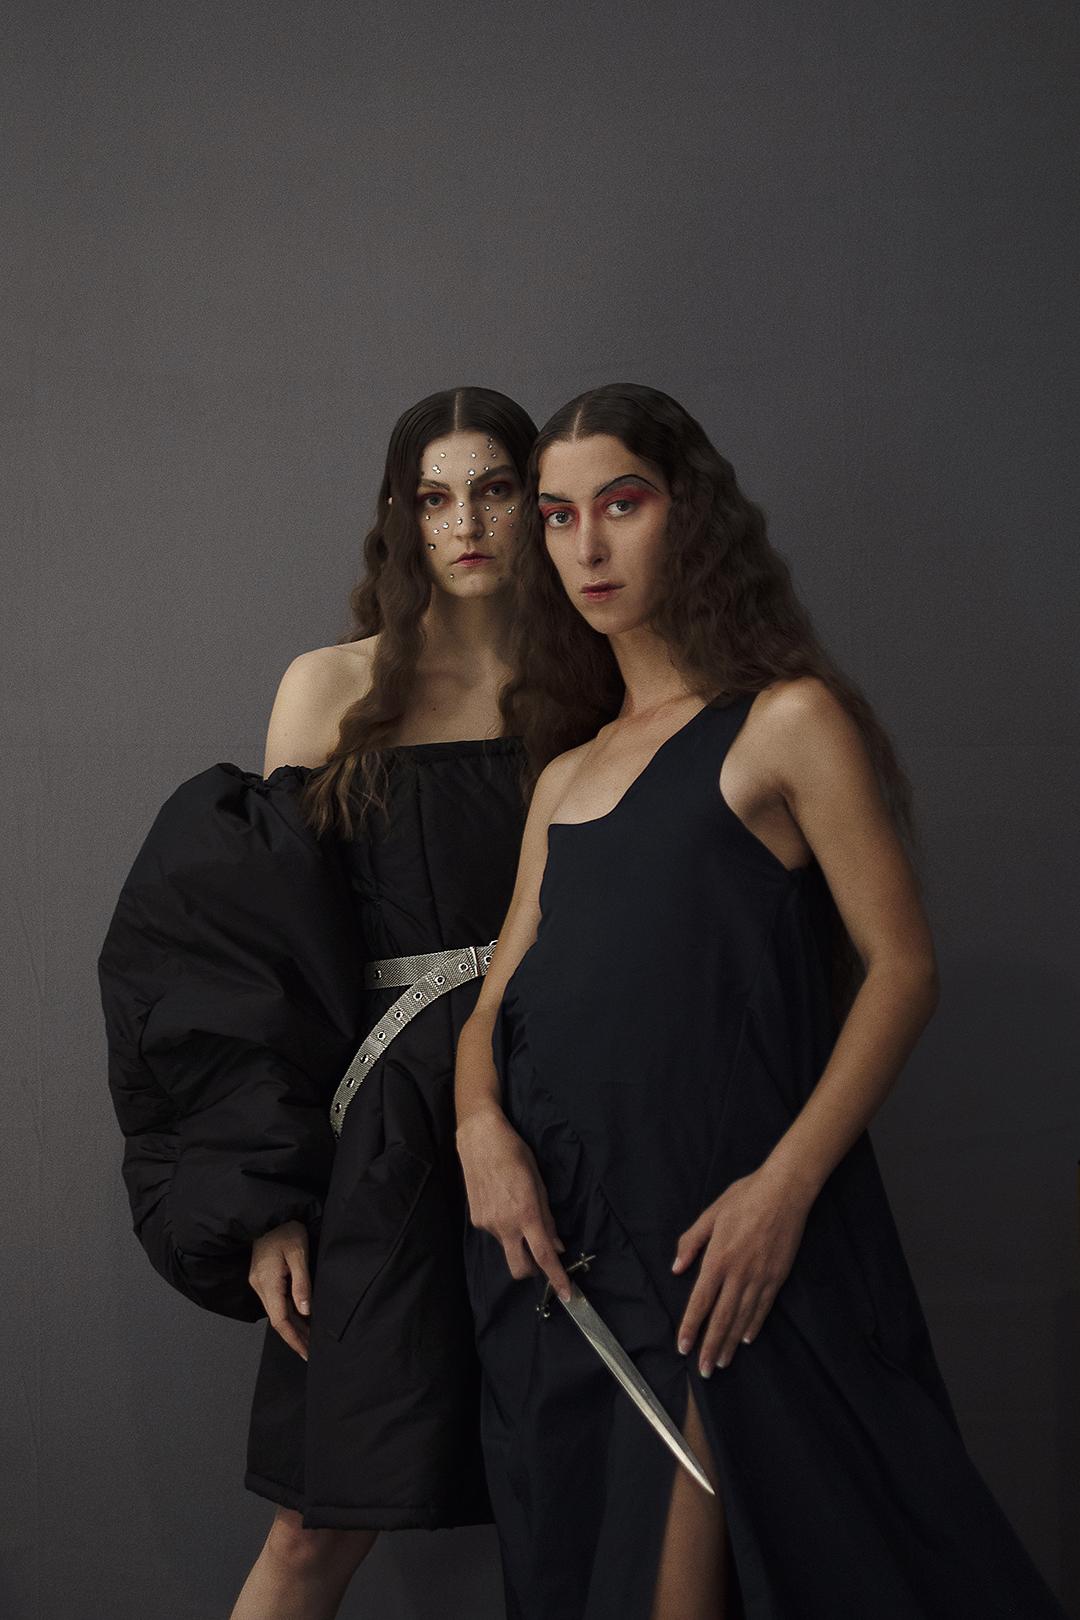 Alessandra Ching y Yosephine antes de desfilar para Peter Sposito.